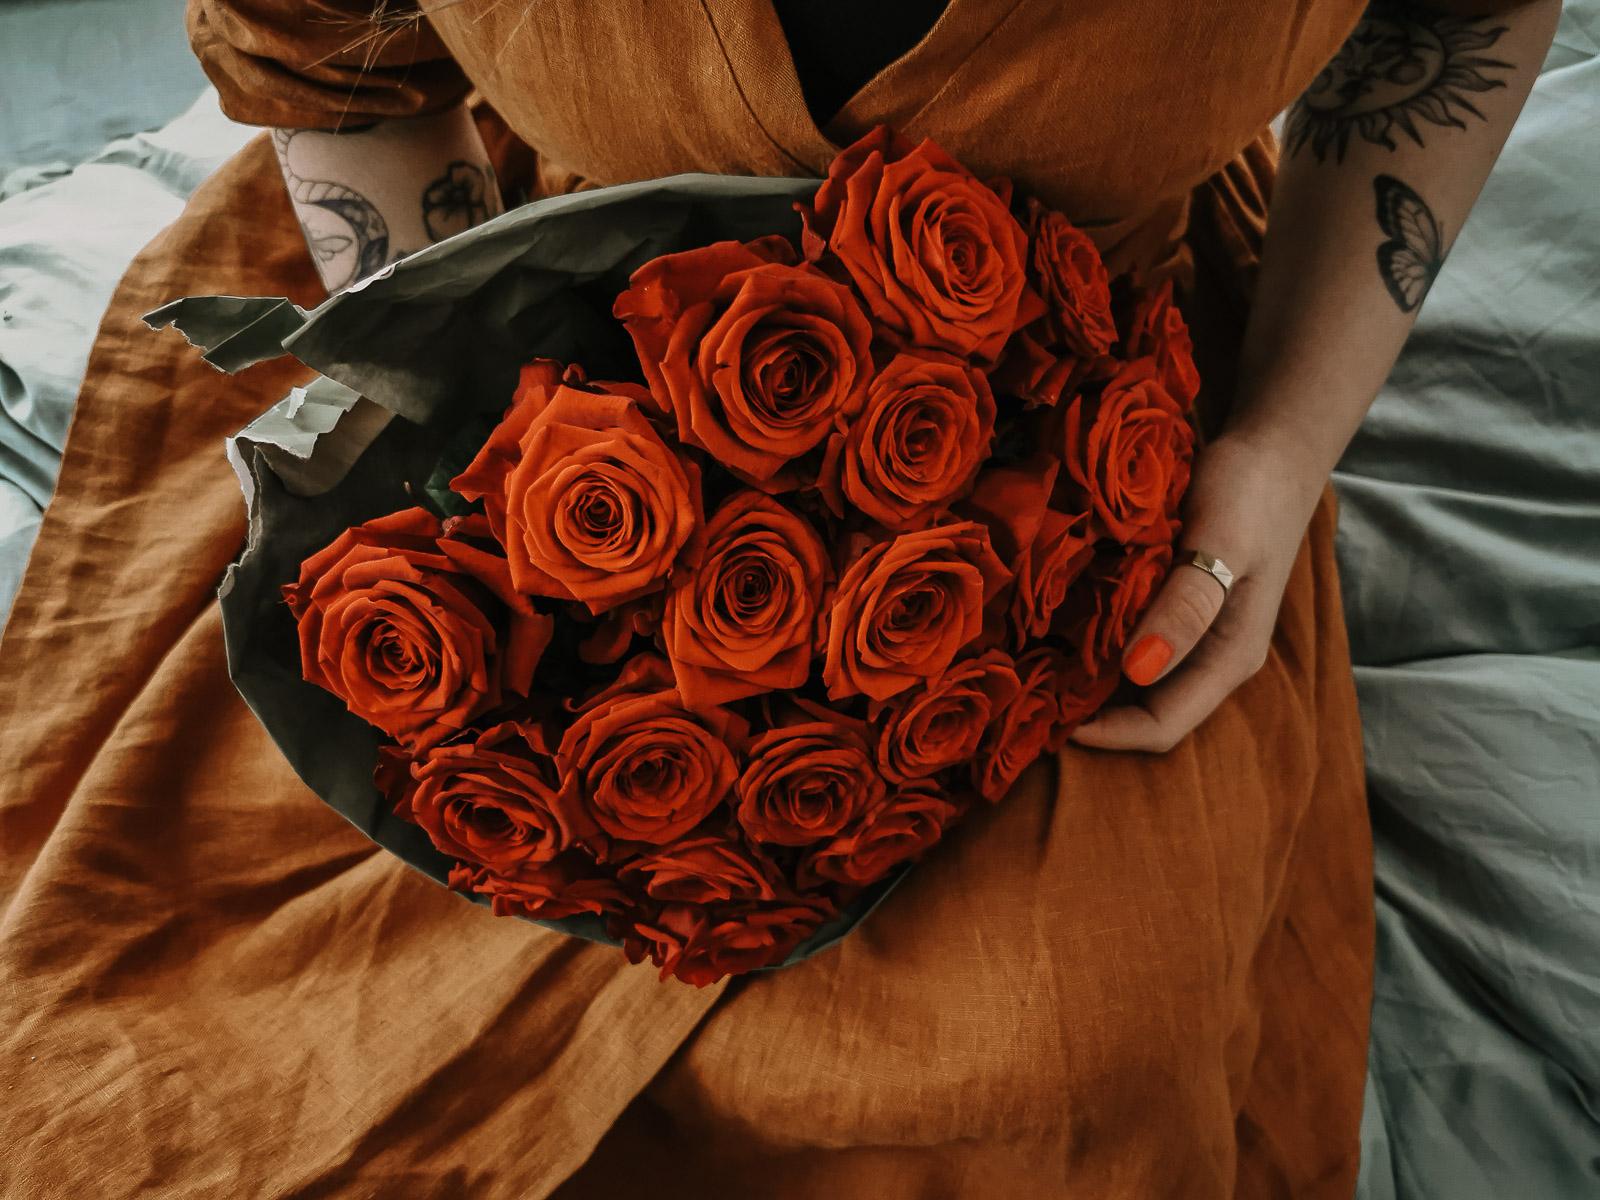 Faire Pflanzen, faire Pflanzen, nachhaltig Blumen kaufen, faire Blumen, faire Rosen, nachhaltige Blumen, nachhaltige Pflanzen, ökologische Pflanzen, Pflanzenindustrie, pflanzen kaufen nachhaltig, faire Pflanzen